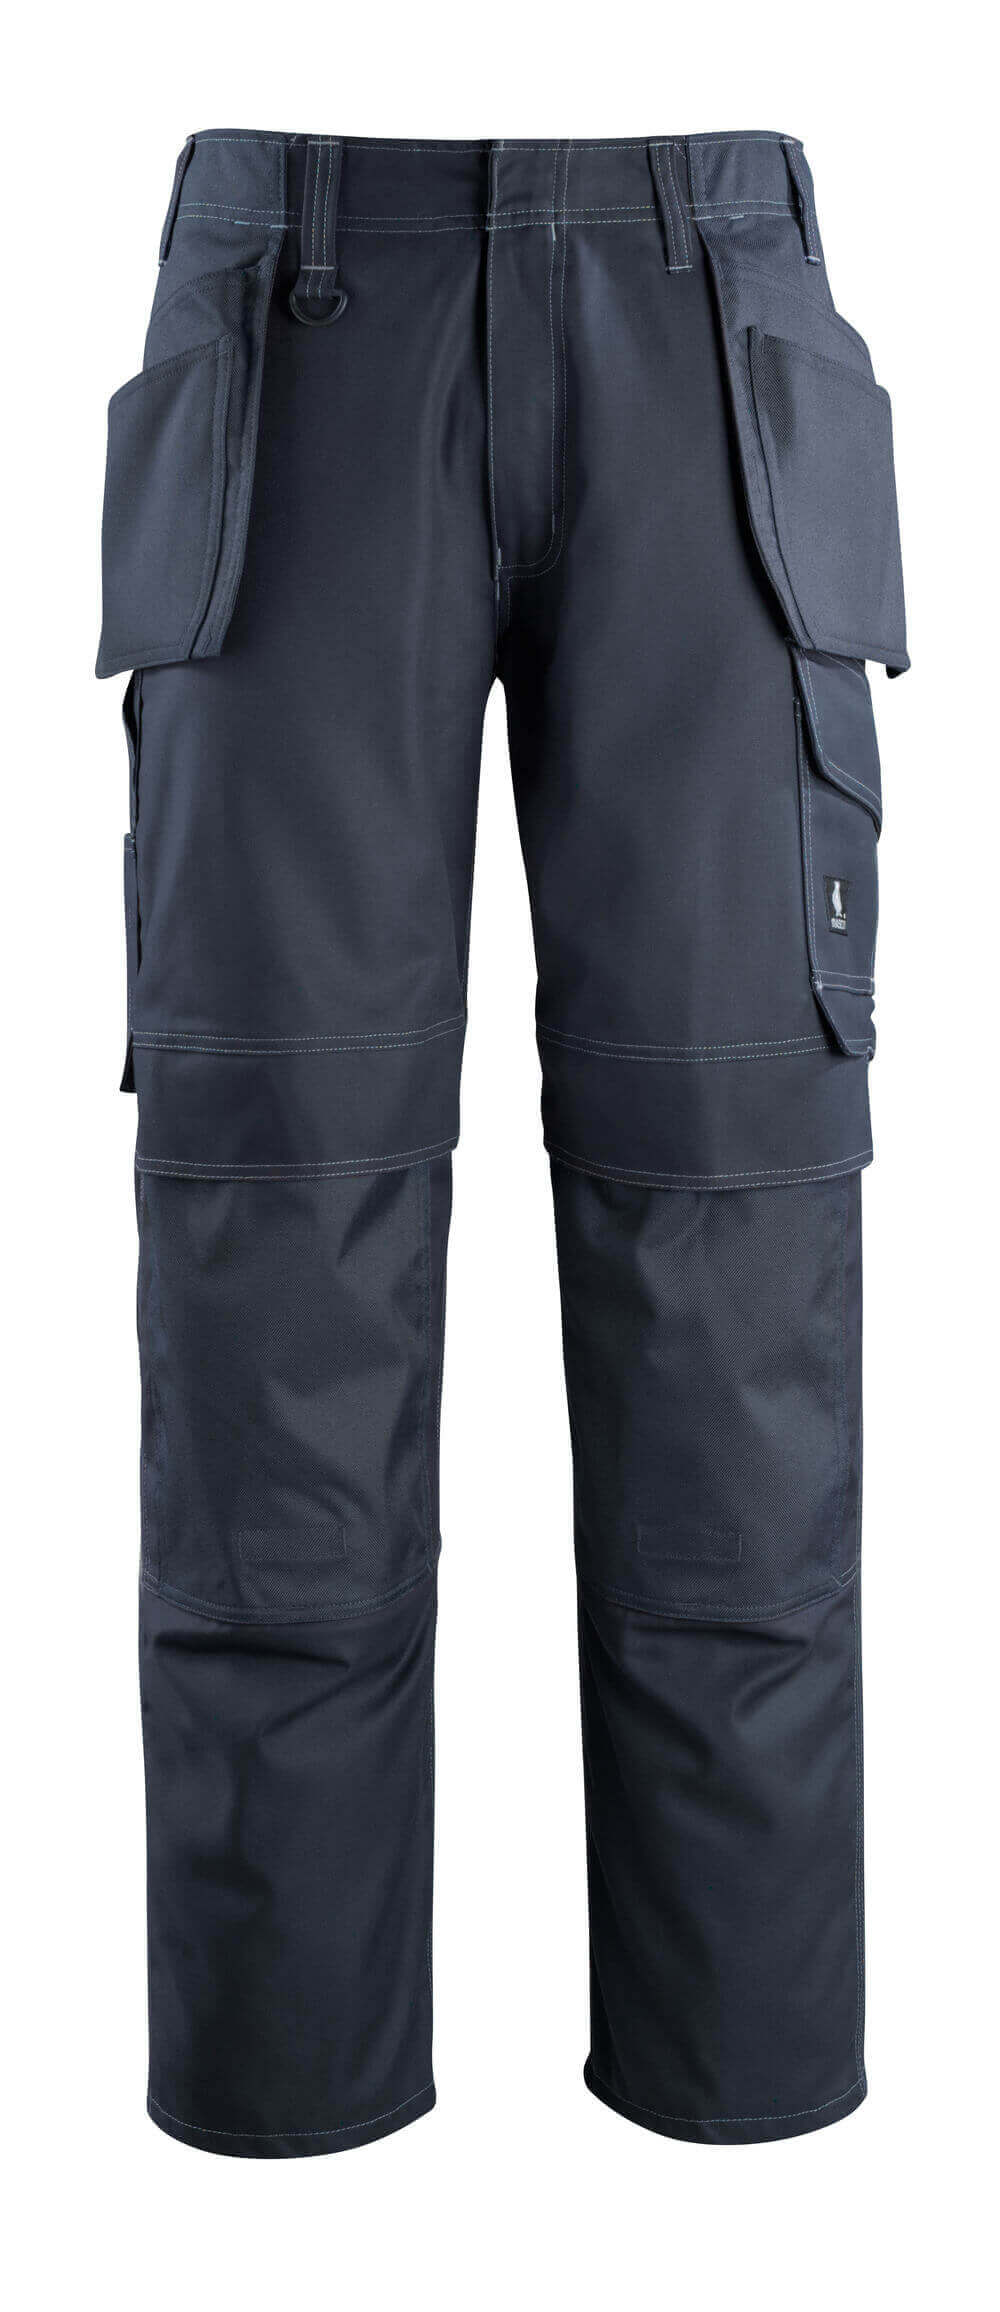 10131-154-010 Bukser med kne- og hengelommer - mørk marine